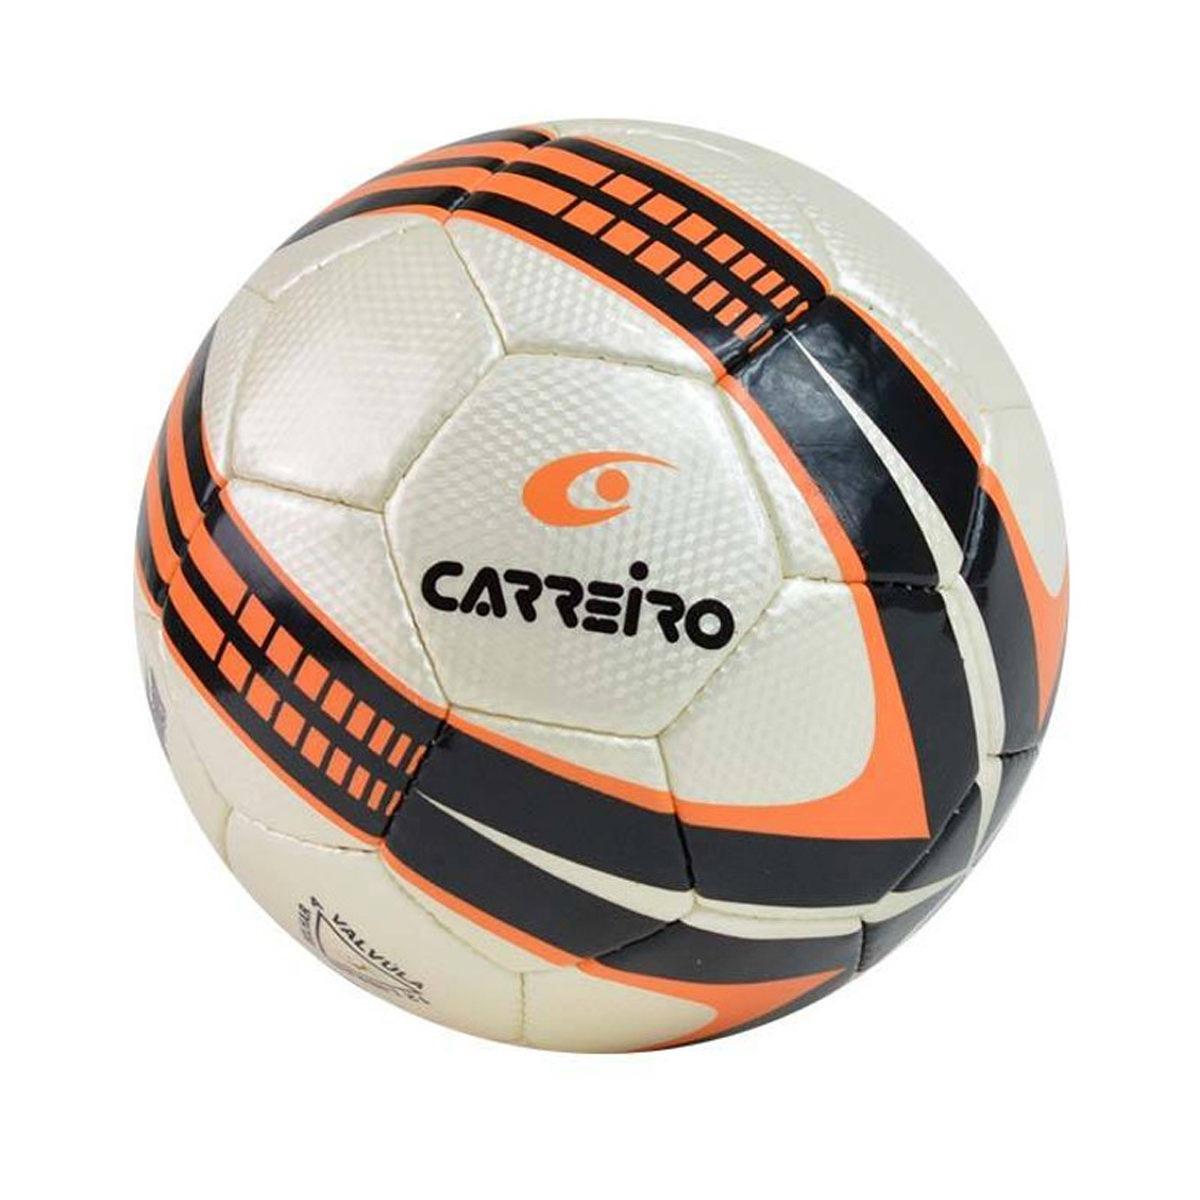 ce7ec11c40 bola de futebol campo original carreiro costurada. Carregando zoom.